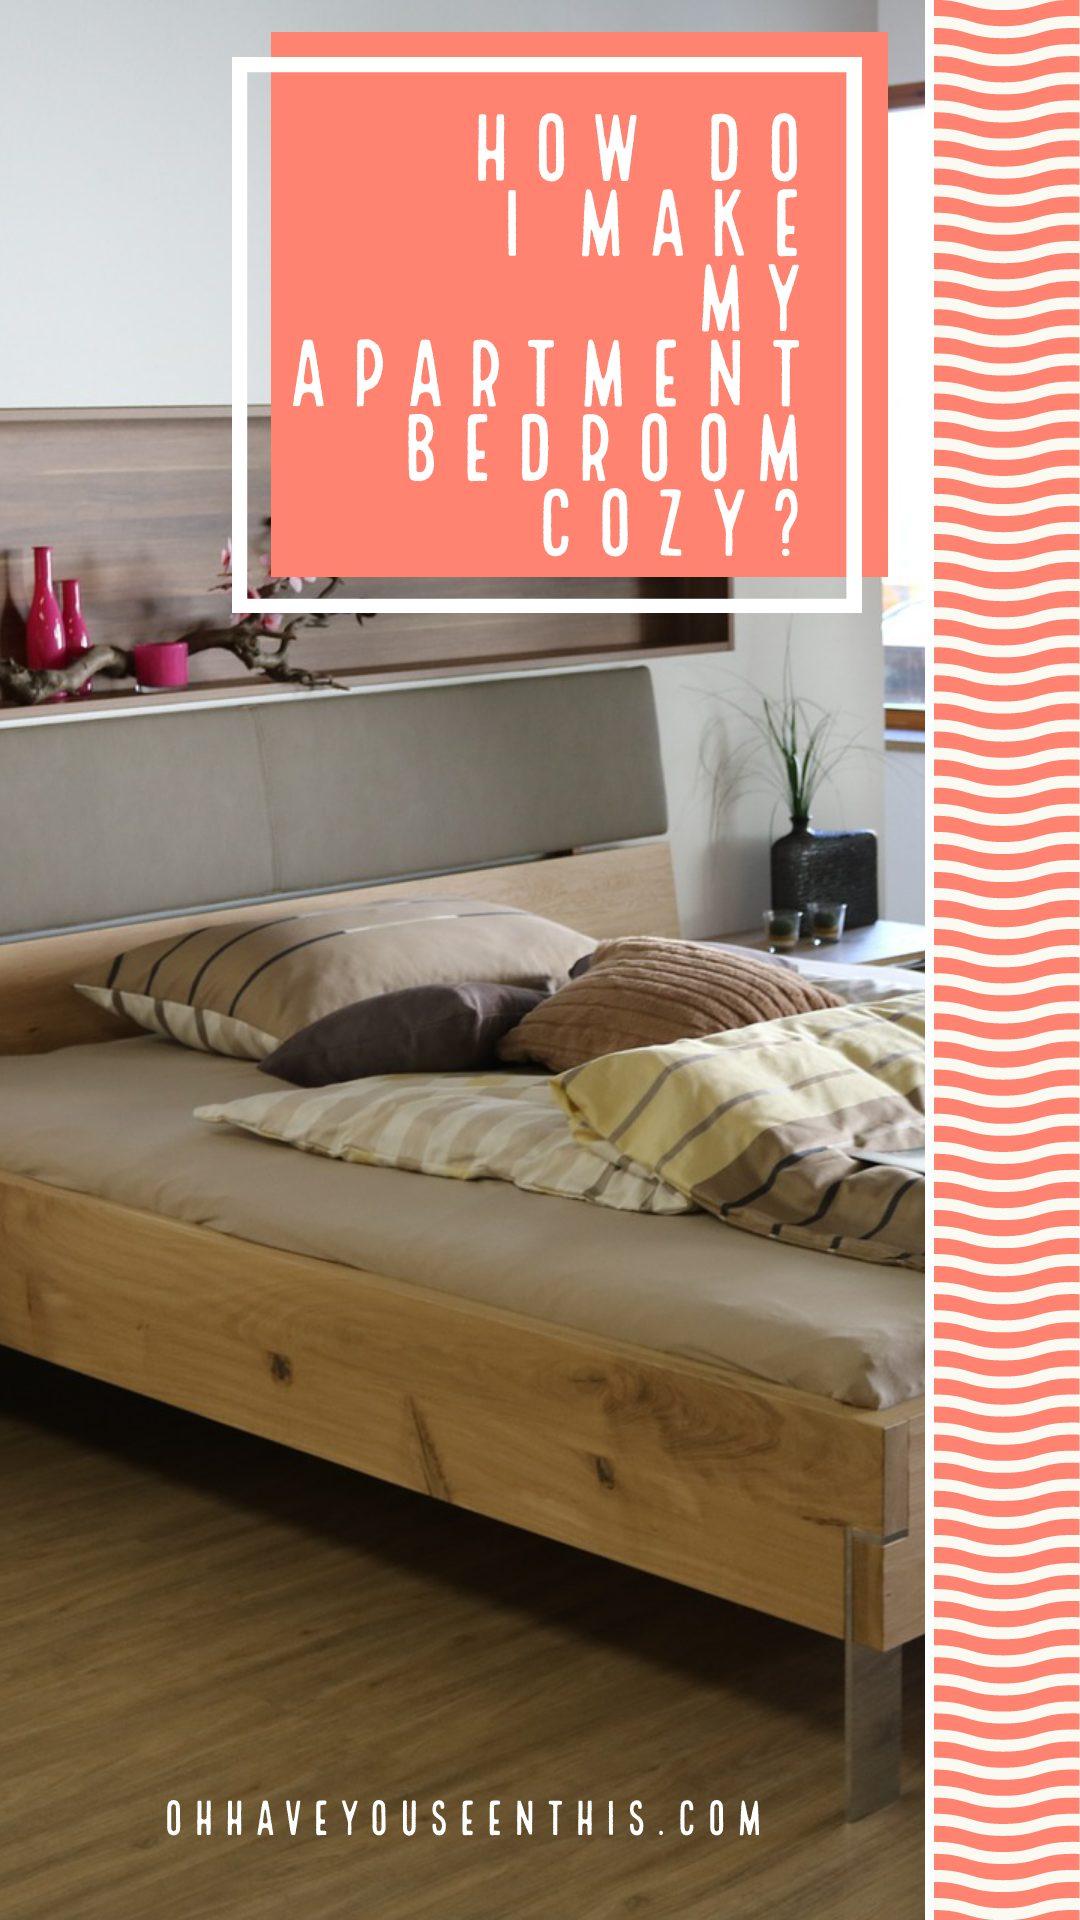 How do I make my apartment cozy?